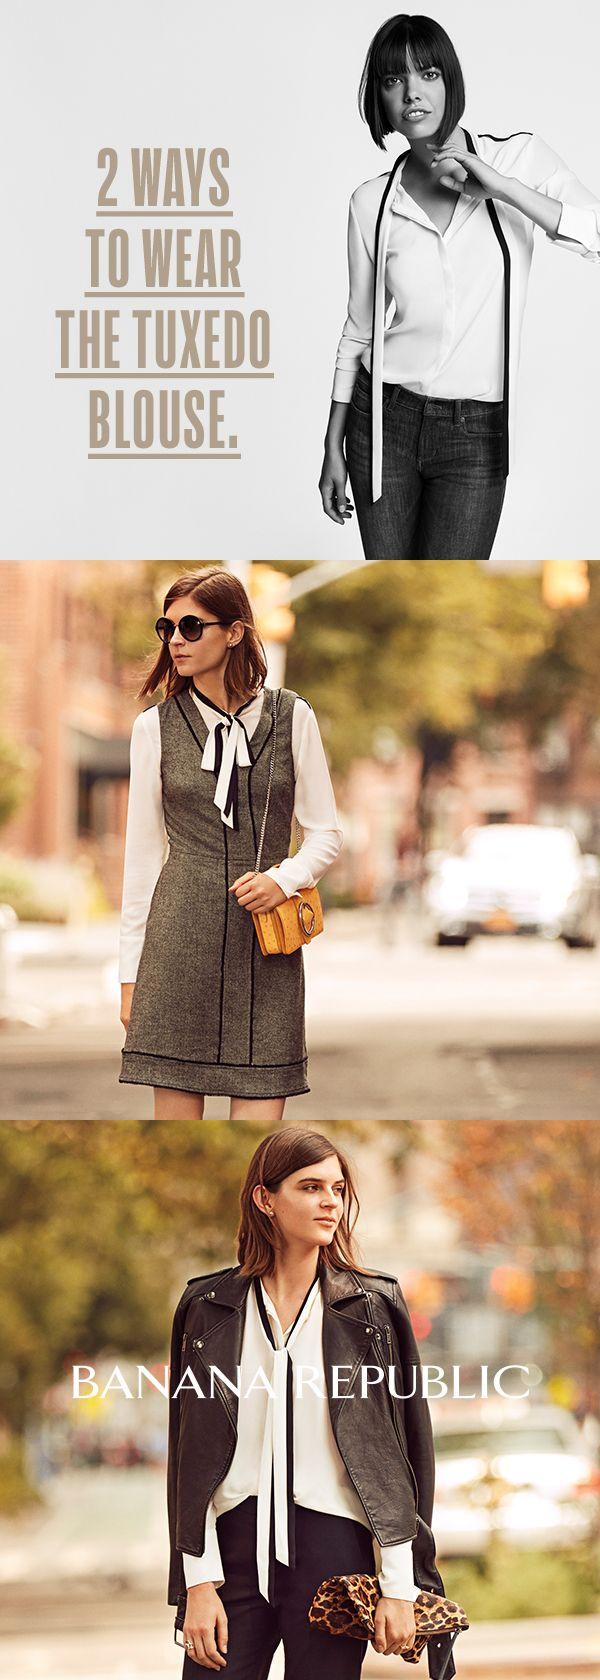 Best 25+ Tuxedo tie ideas on Pinterest